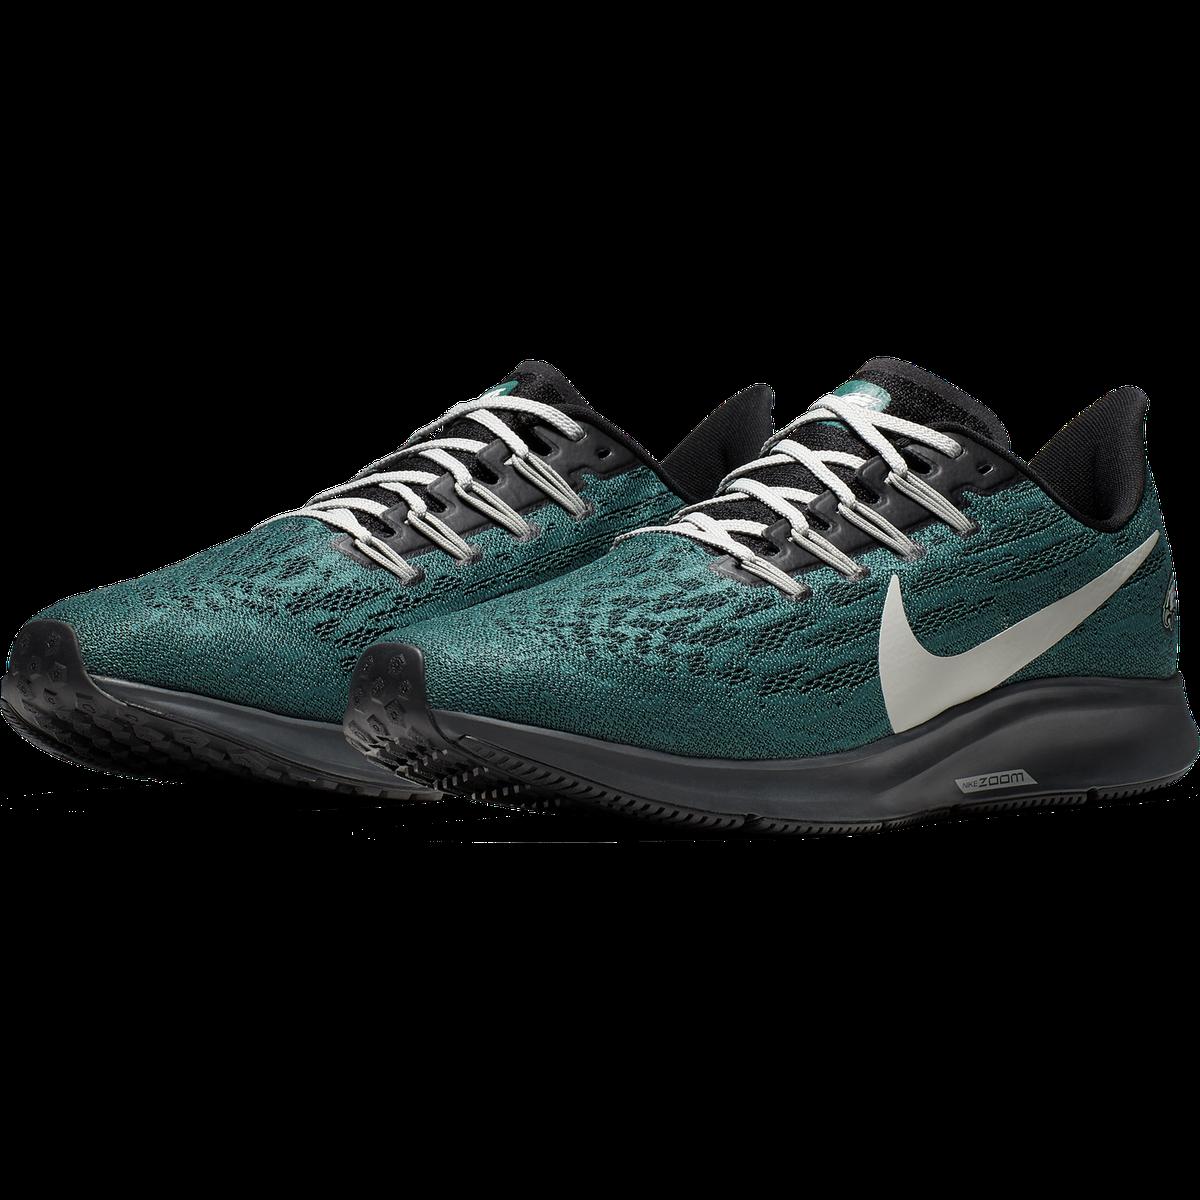 économiser f28c6 5324c Nike drops the new Air Zoom Pegasus 36 Eagles shoe ...